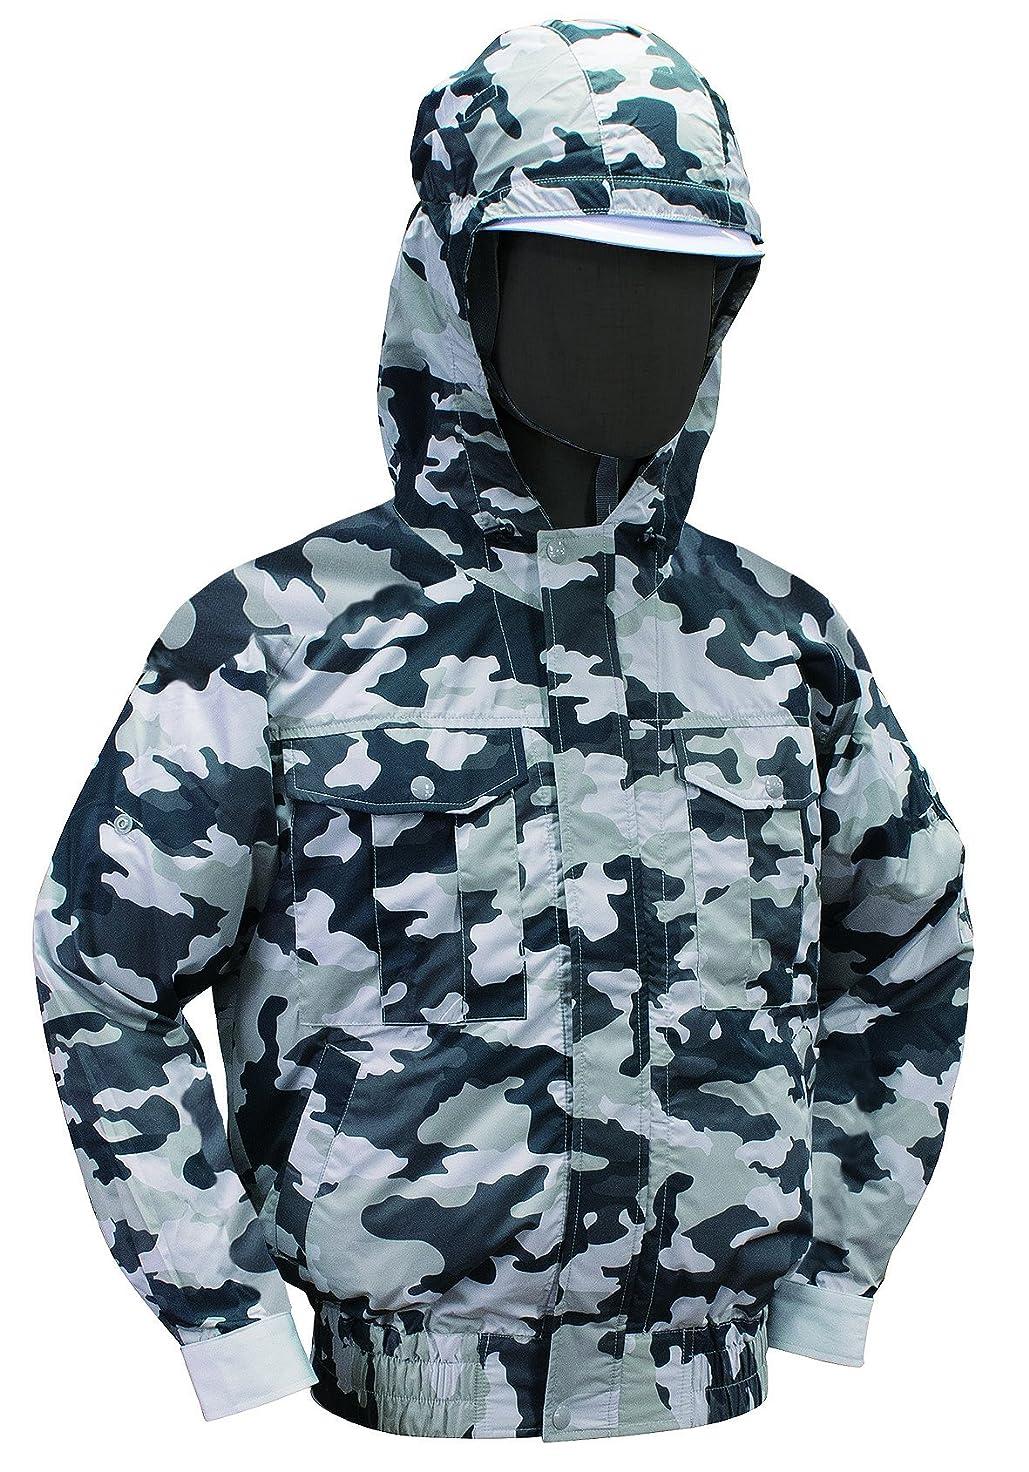 プラットフォーム組立肌寒いNSP 空調服 服単体 NB-102 チタンコーティング フード付 迷彩グレー サイズL 8209471